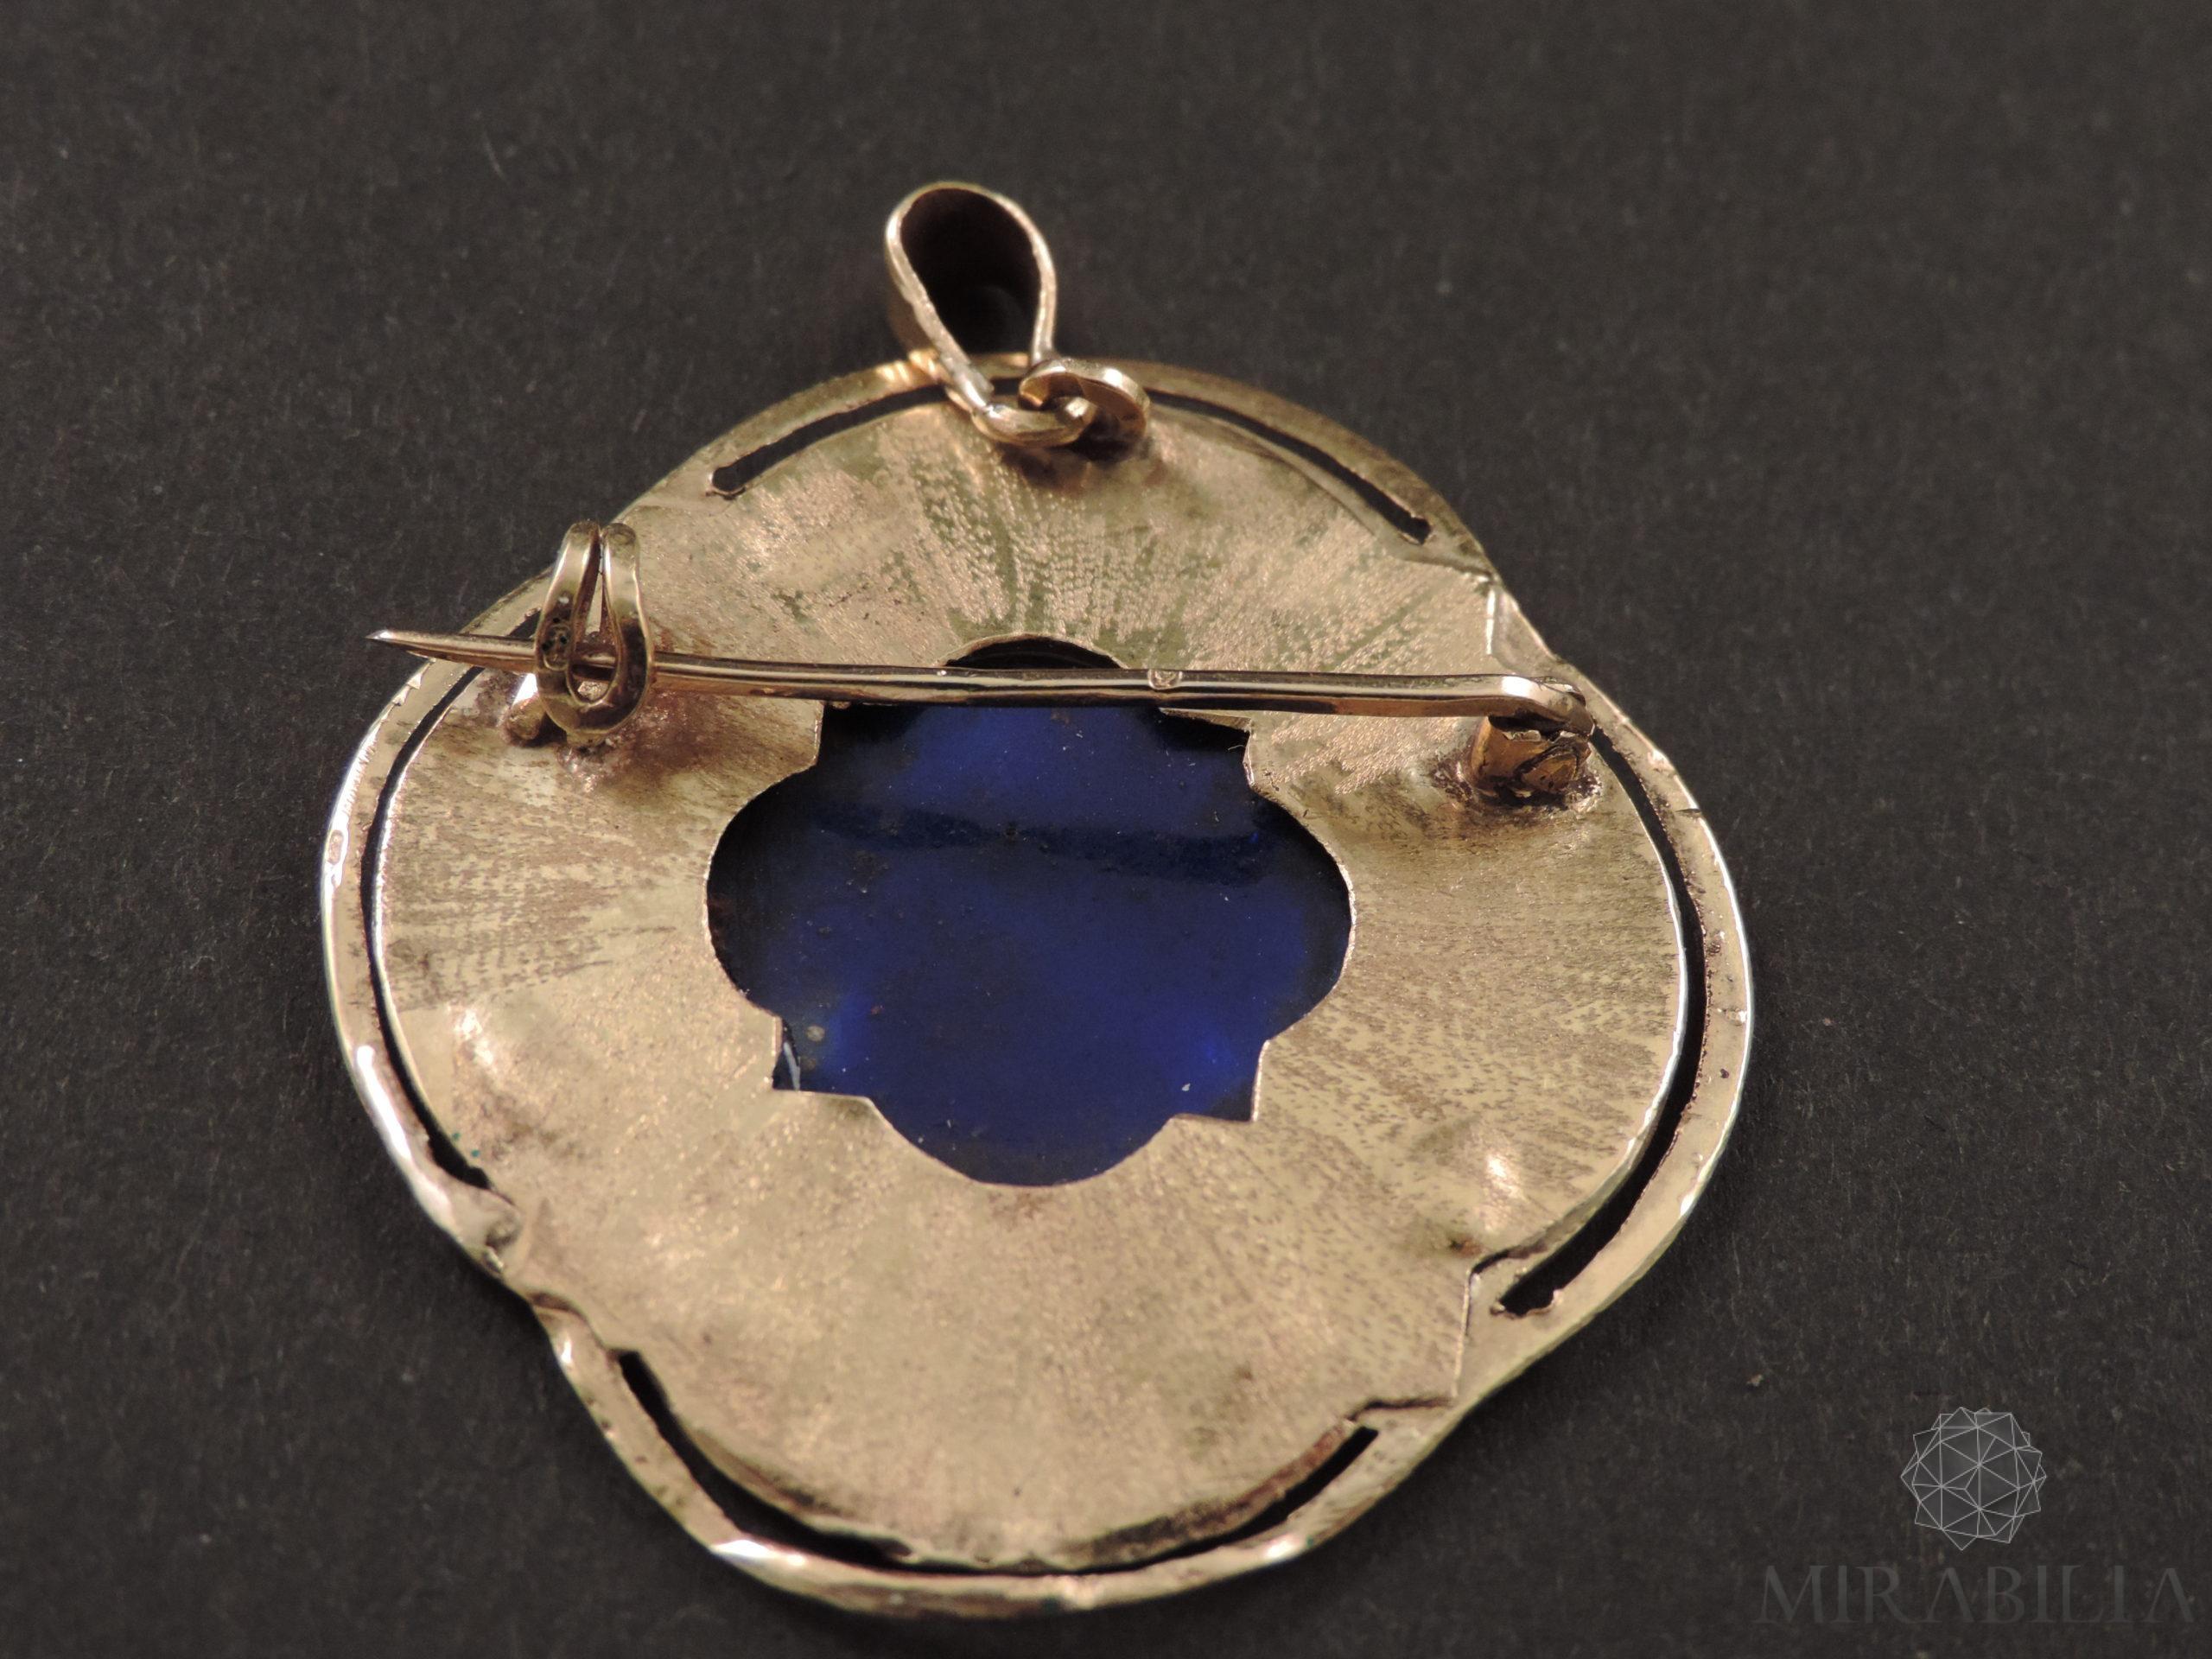 """Ciondolo-spilla """"Marianna di Francia"""" in oro, pietre preziose e smalti (retro)"""